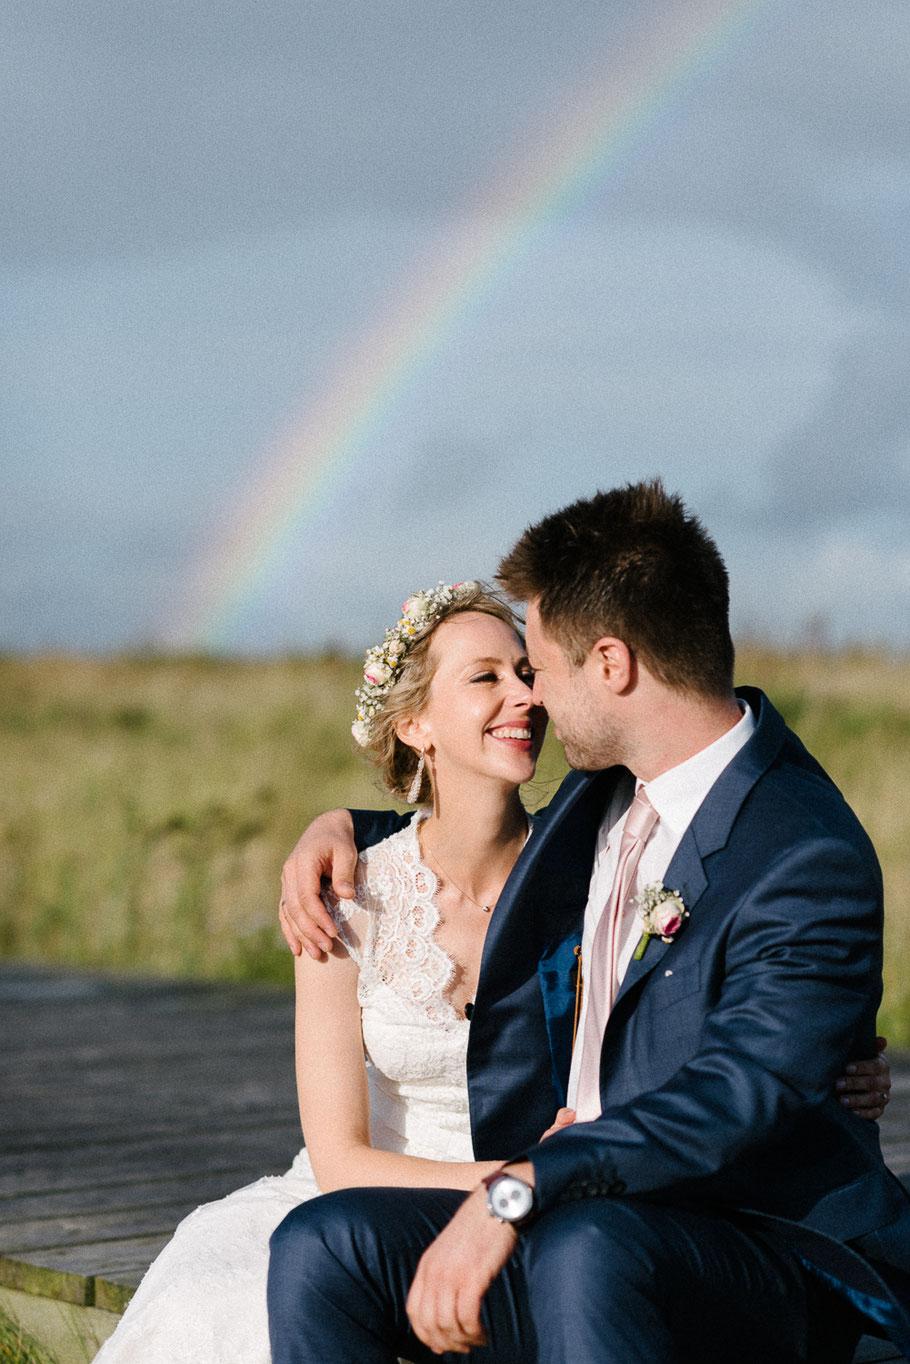 Regenbogen Hochzeit Kuss Fotograf Strand